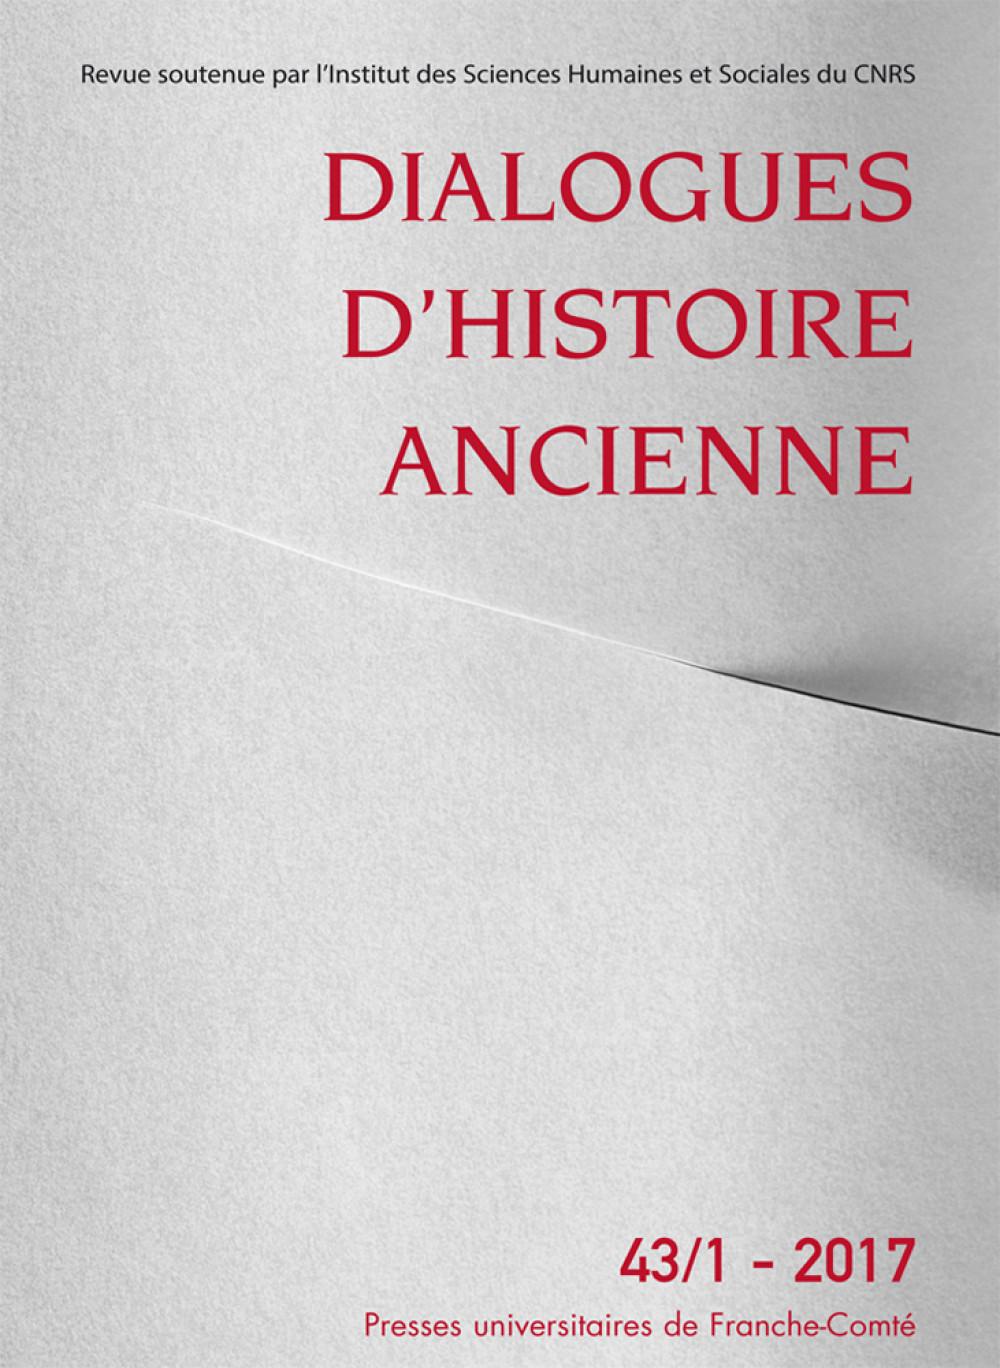 Dialogues d'histoire ancienne 43/1